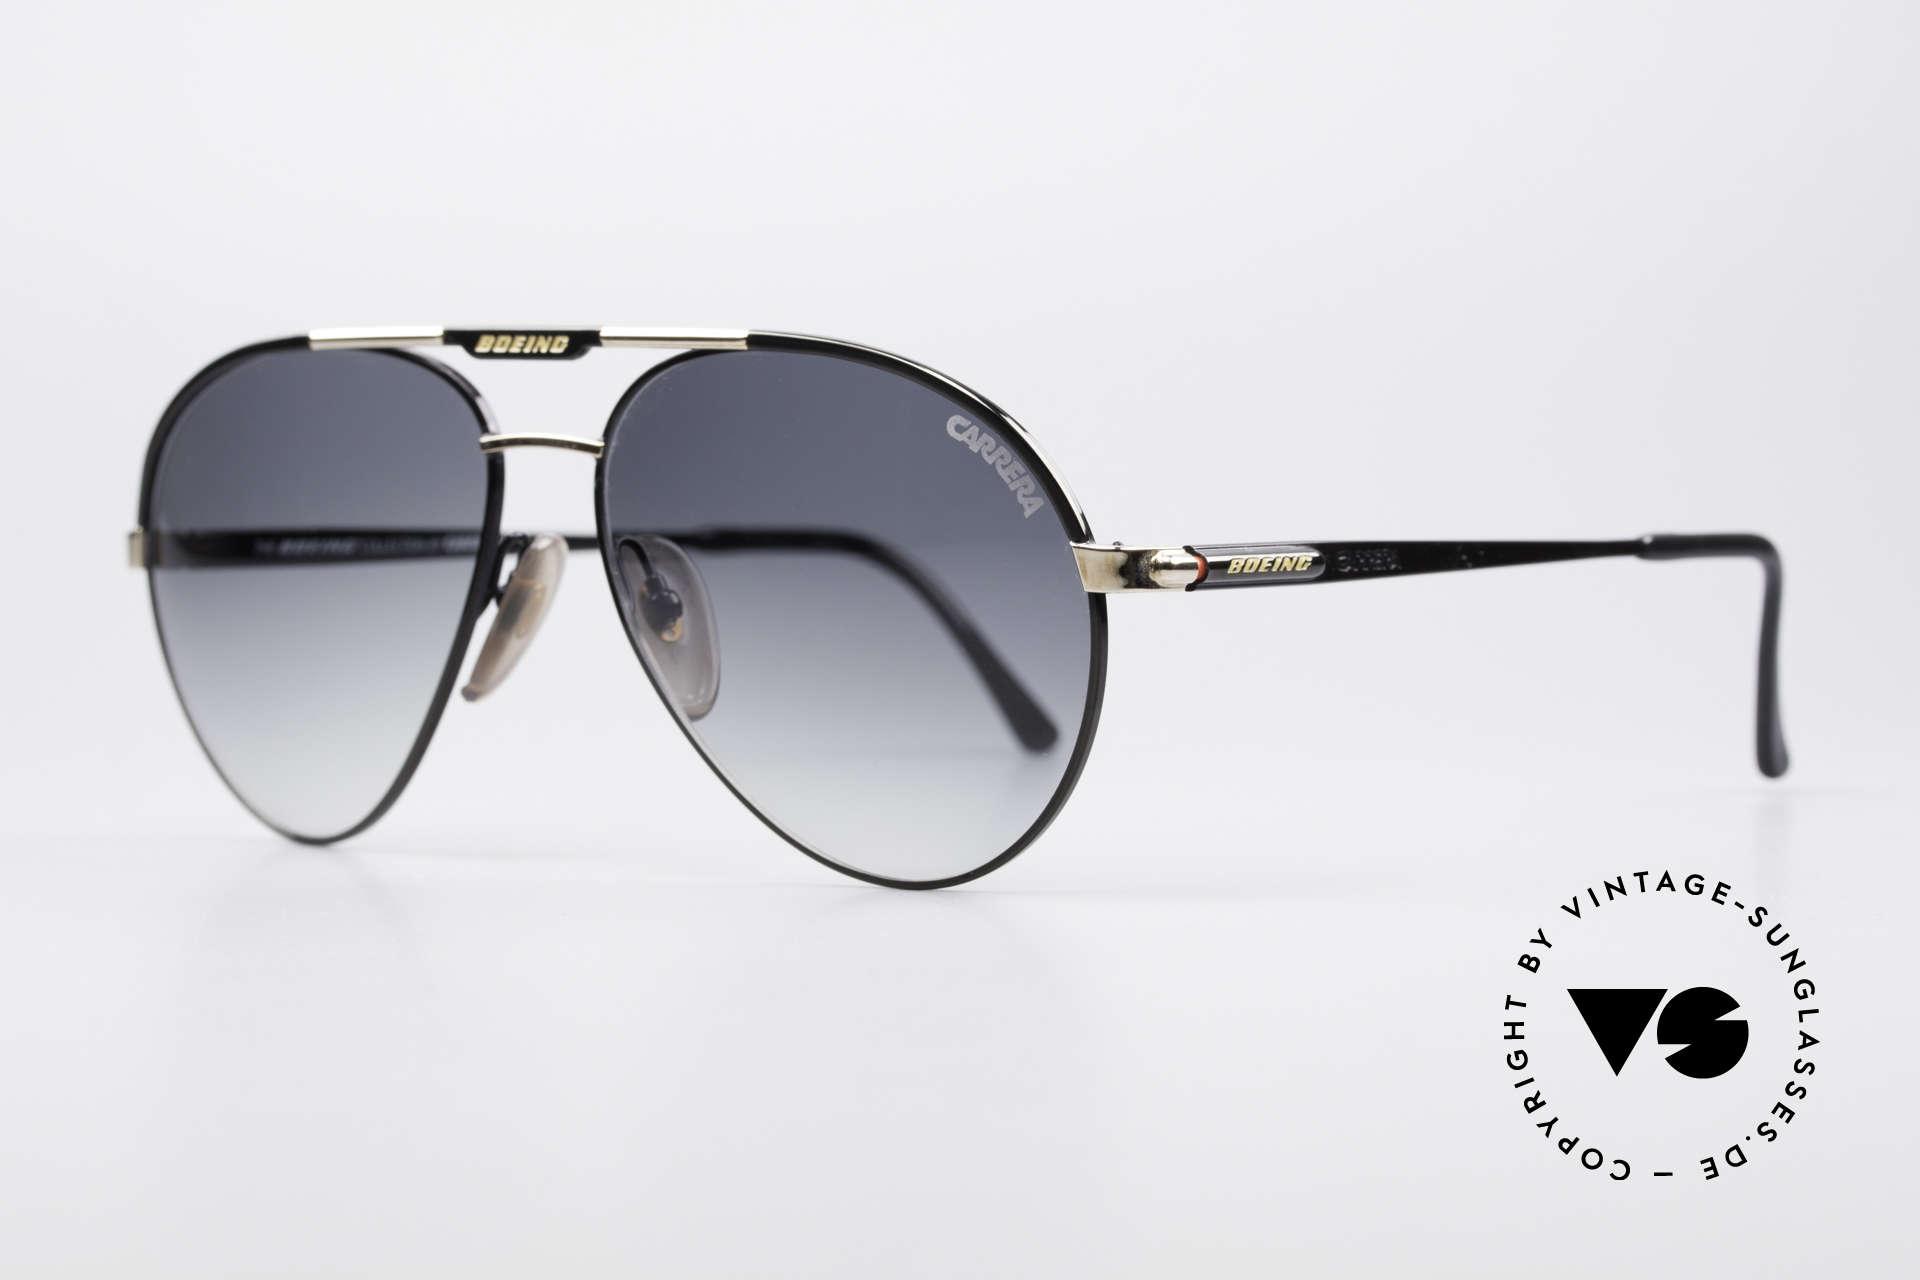 Boeing 5733 Vintage Pilotensonnenbrille, Ende der 80er extra für die Boeing-Piloten produziert, Passend für Herren